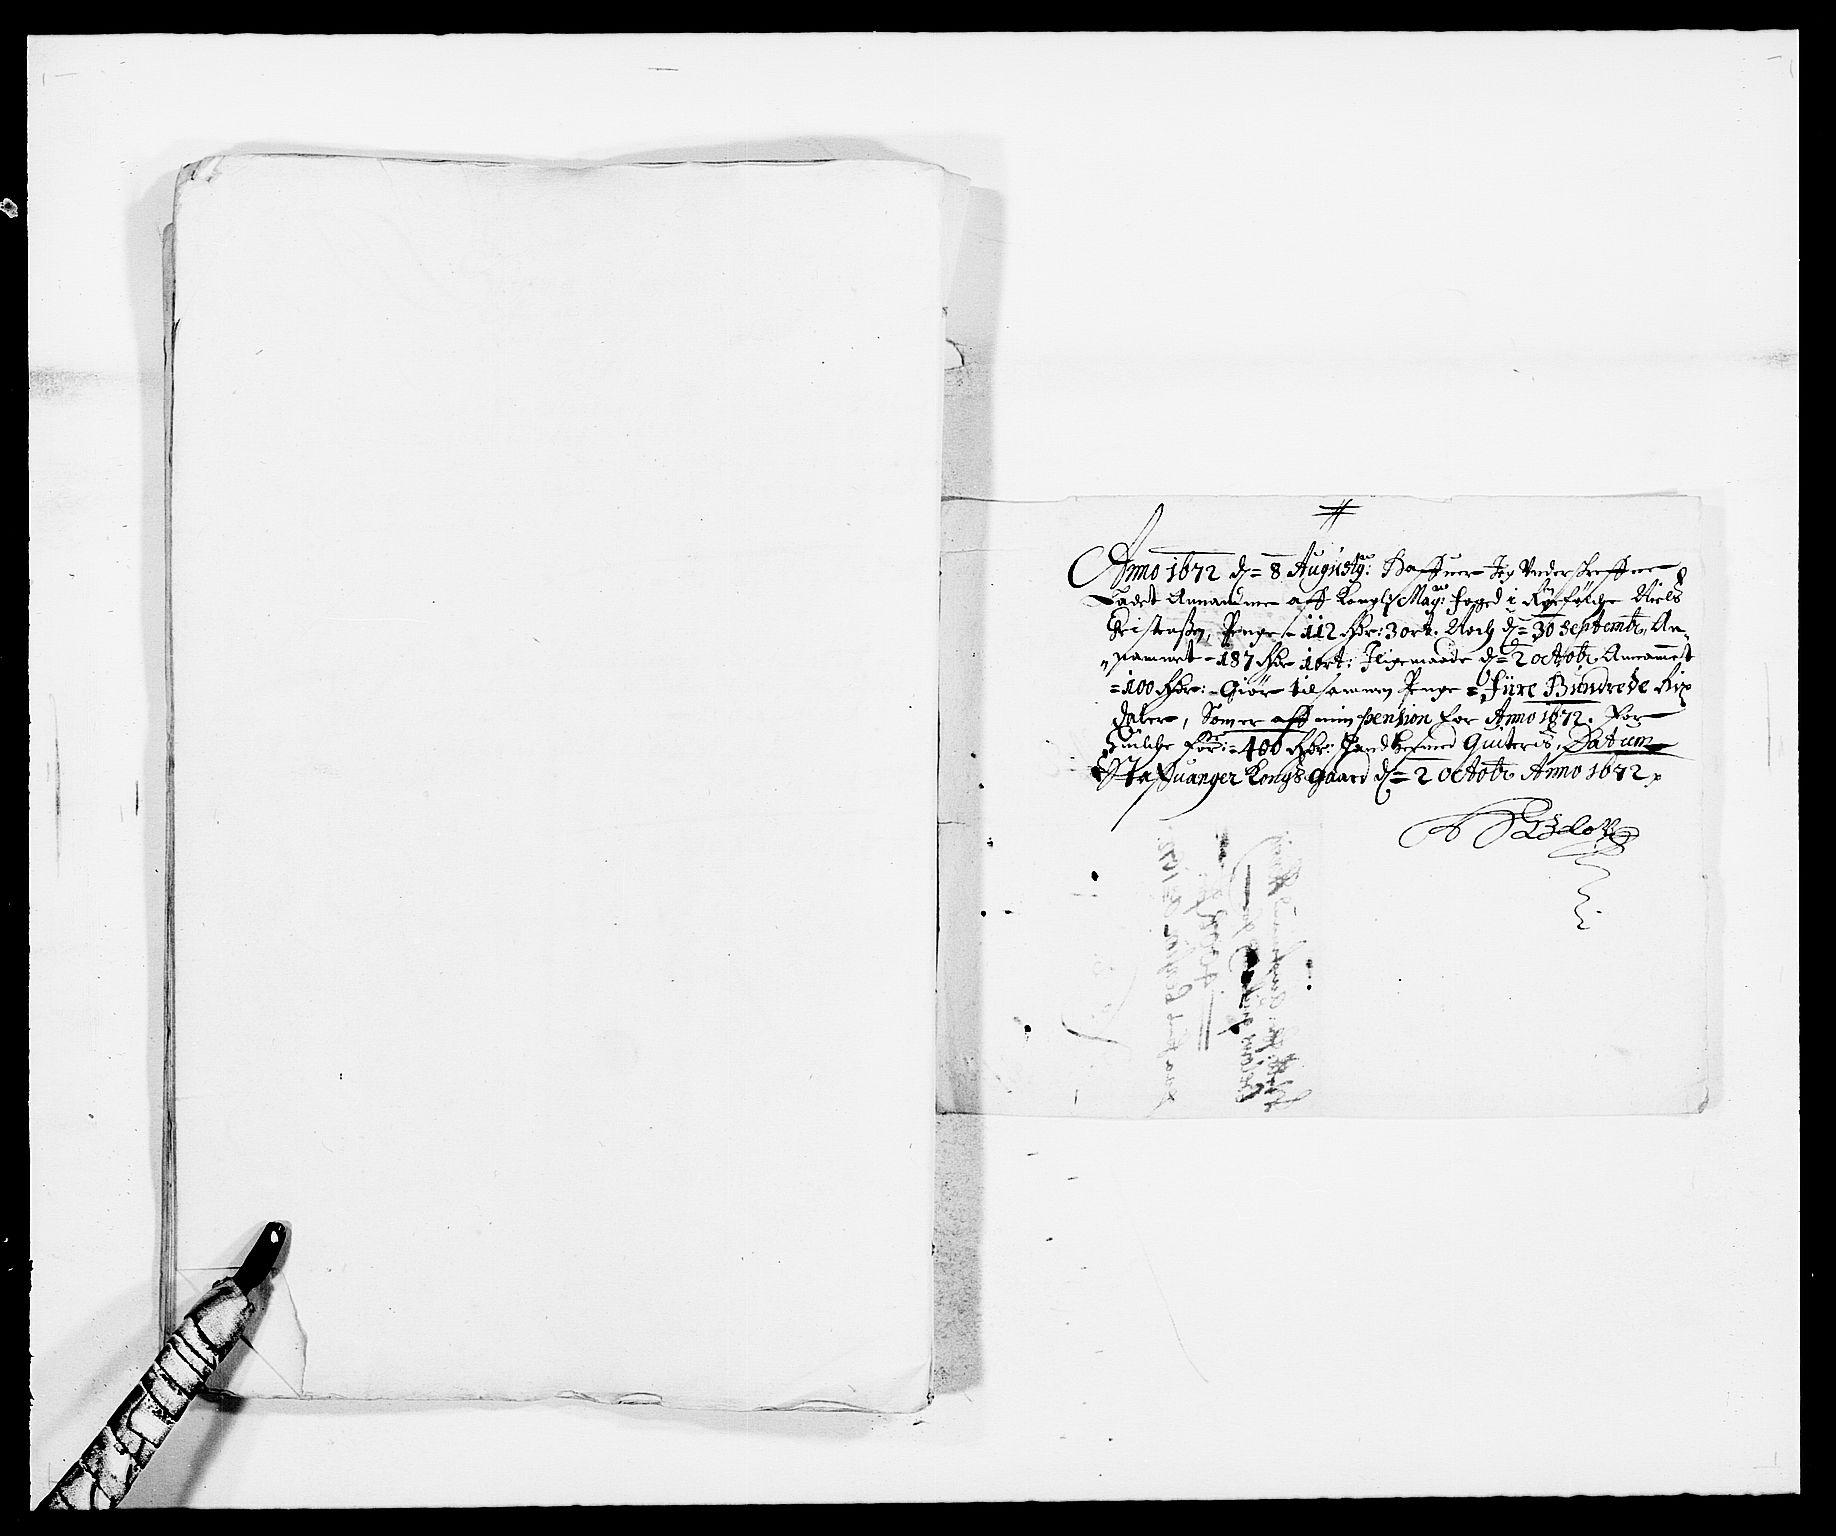 RA, Rentekammeret inntil 1814, Reviderte regnskaper, Fogderegnskap, R47/L2844: Fogderegnskap Ryfylke, 1672-1673, s. 125